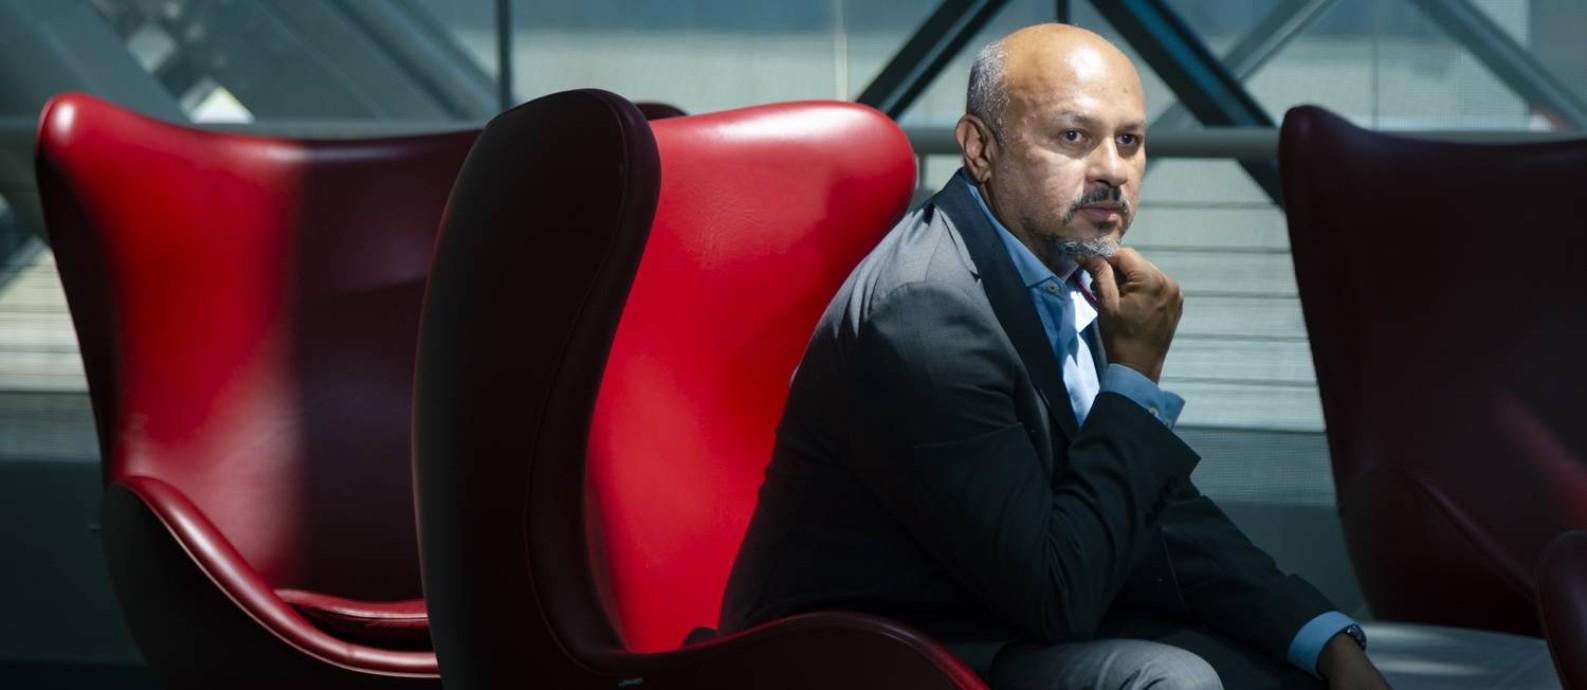 Amauri Ferreira, diretor de produtos da GE para a América Latina Foto: Leo Martins / Agência O Globo